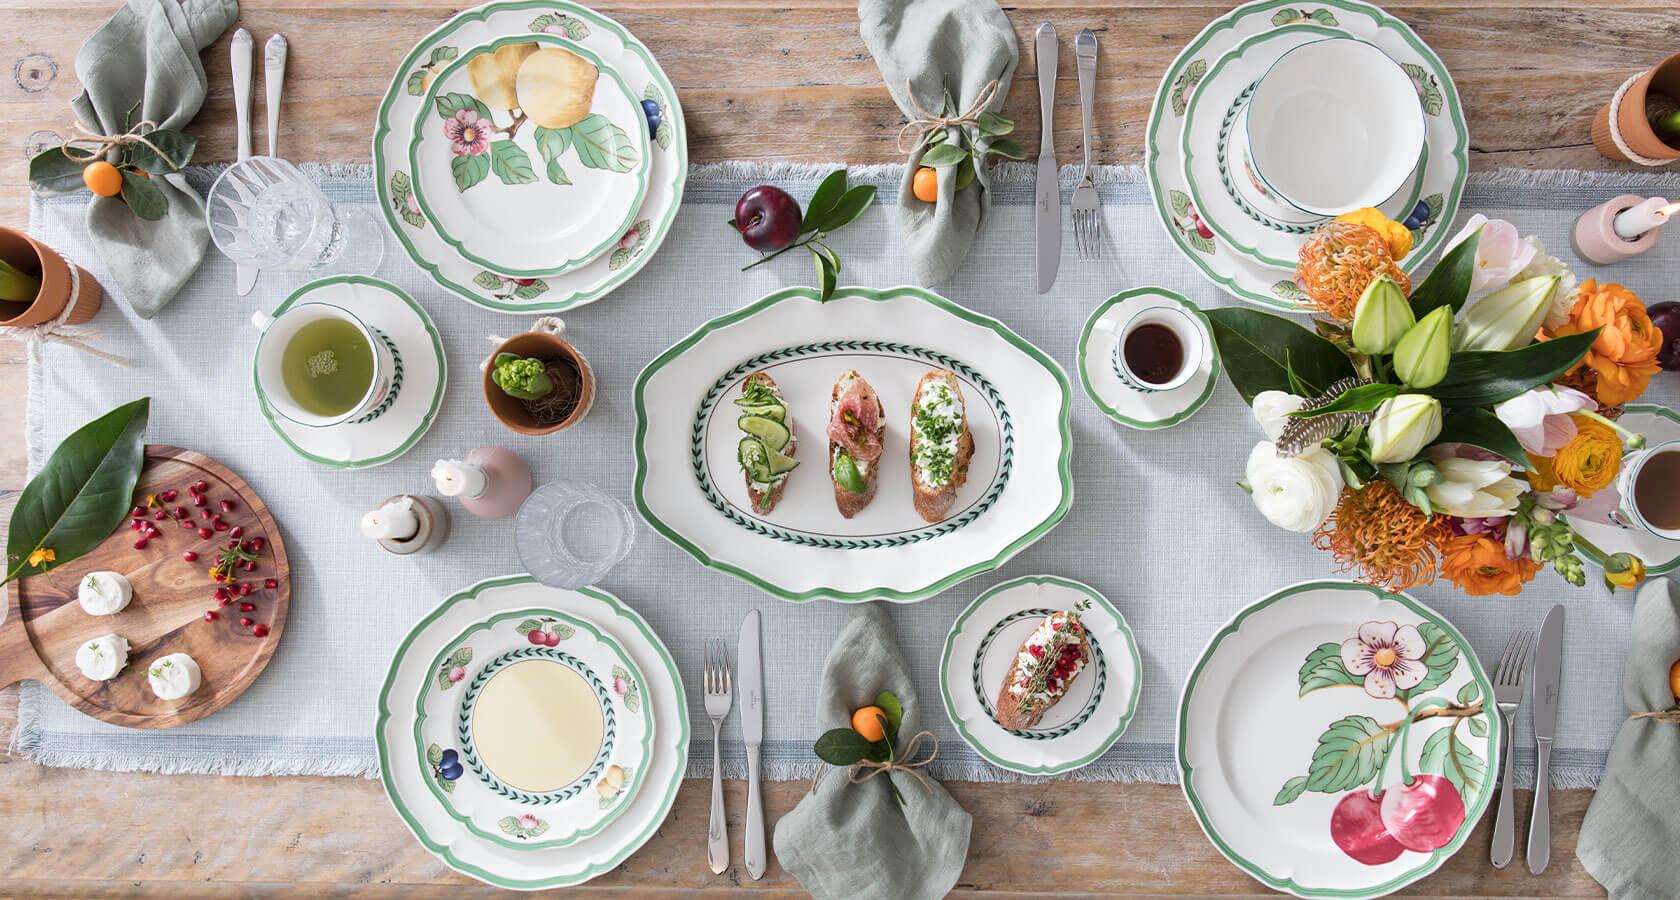 luxury tableware